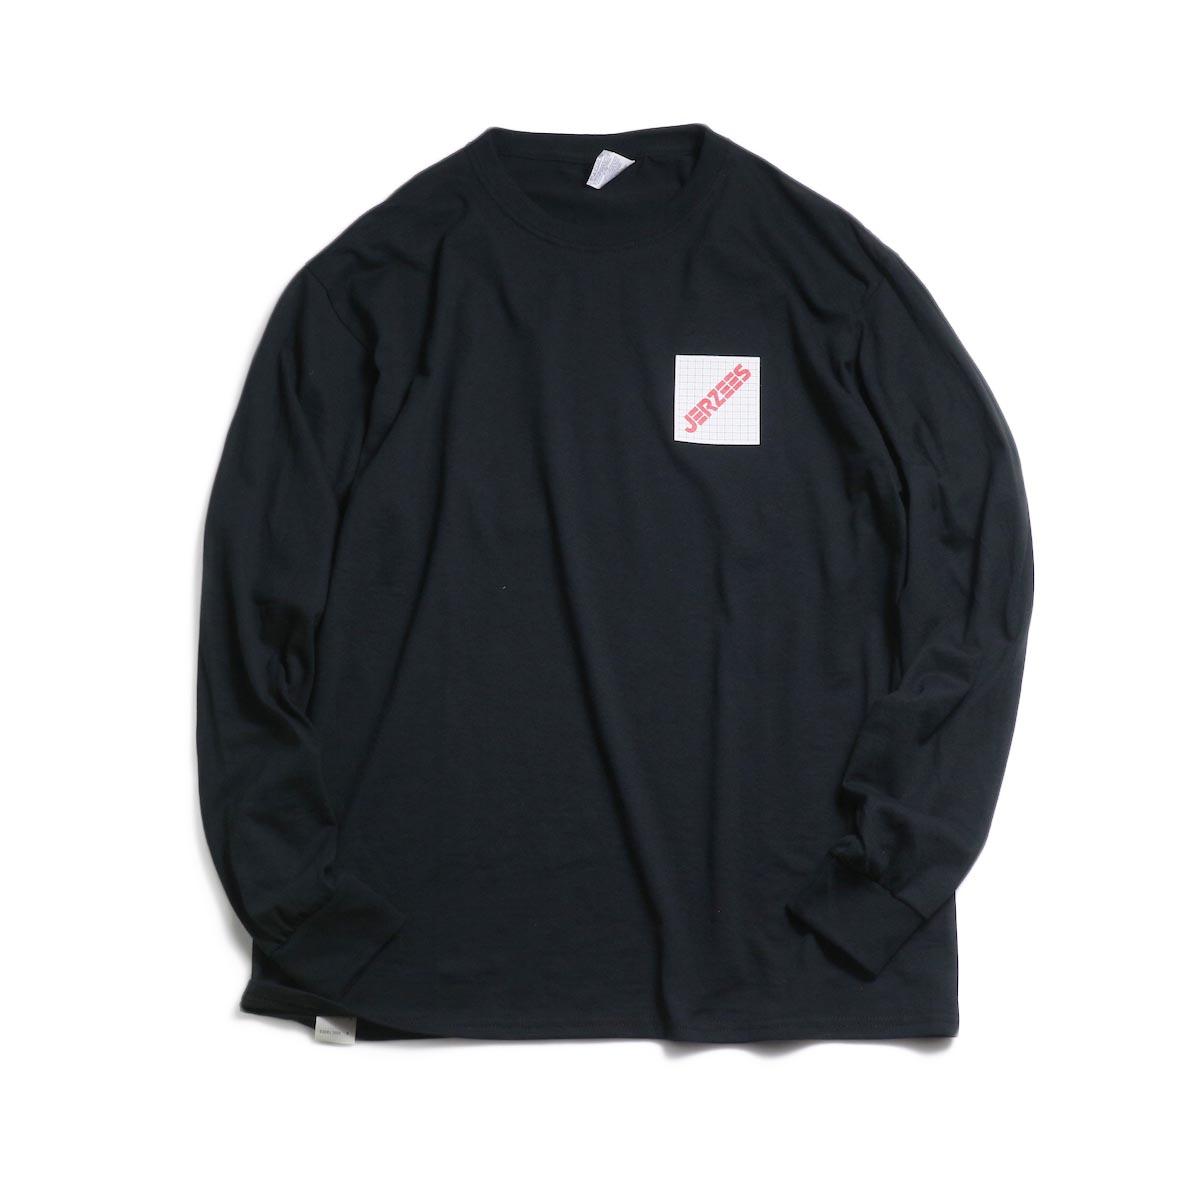 N.HOOLYWOOD × JERZEES  / 191-CS43-070 Long Sleeve Tee -Black 正面